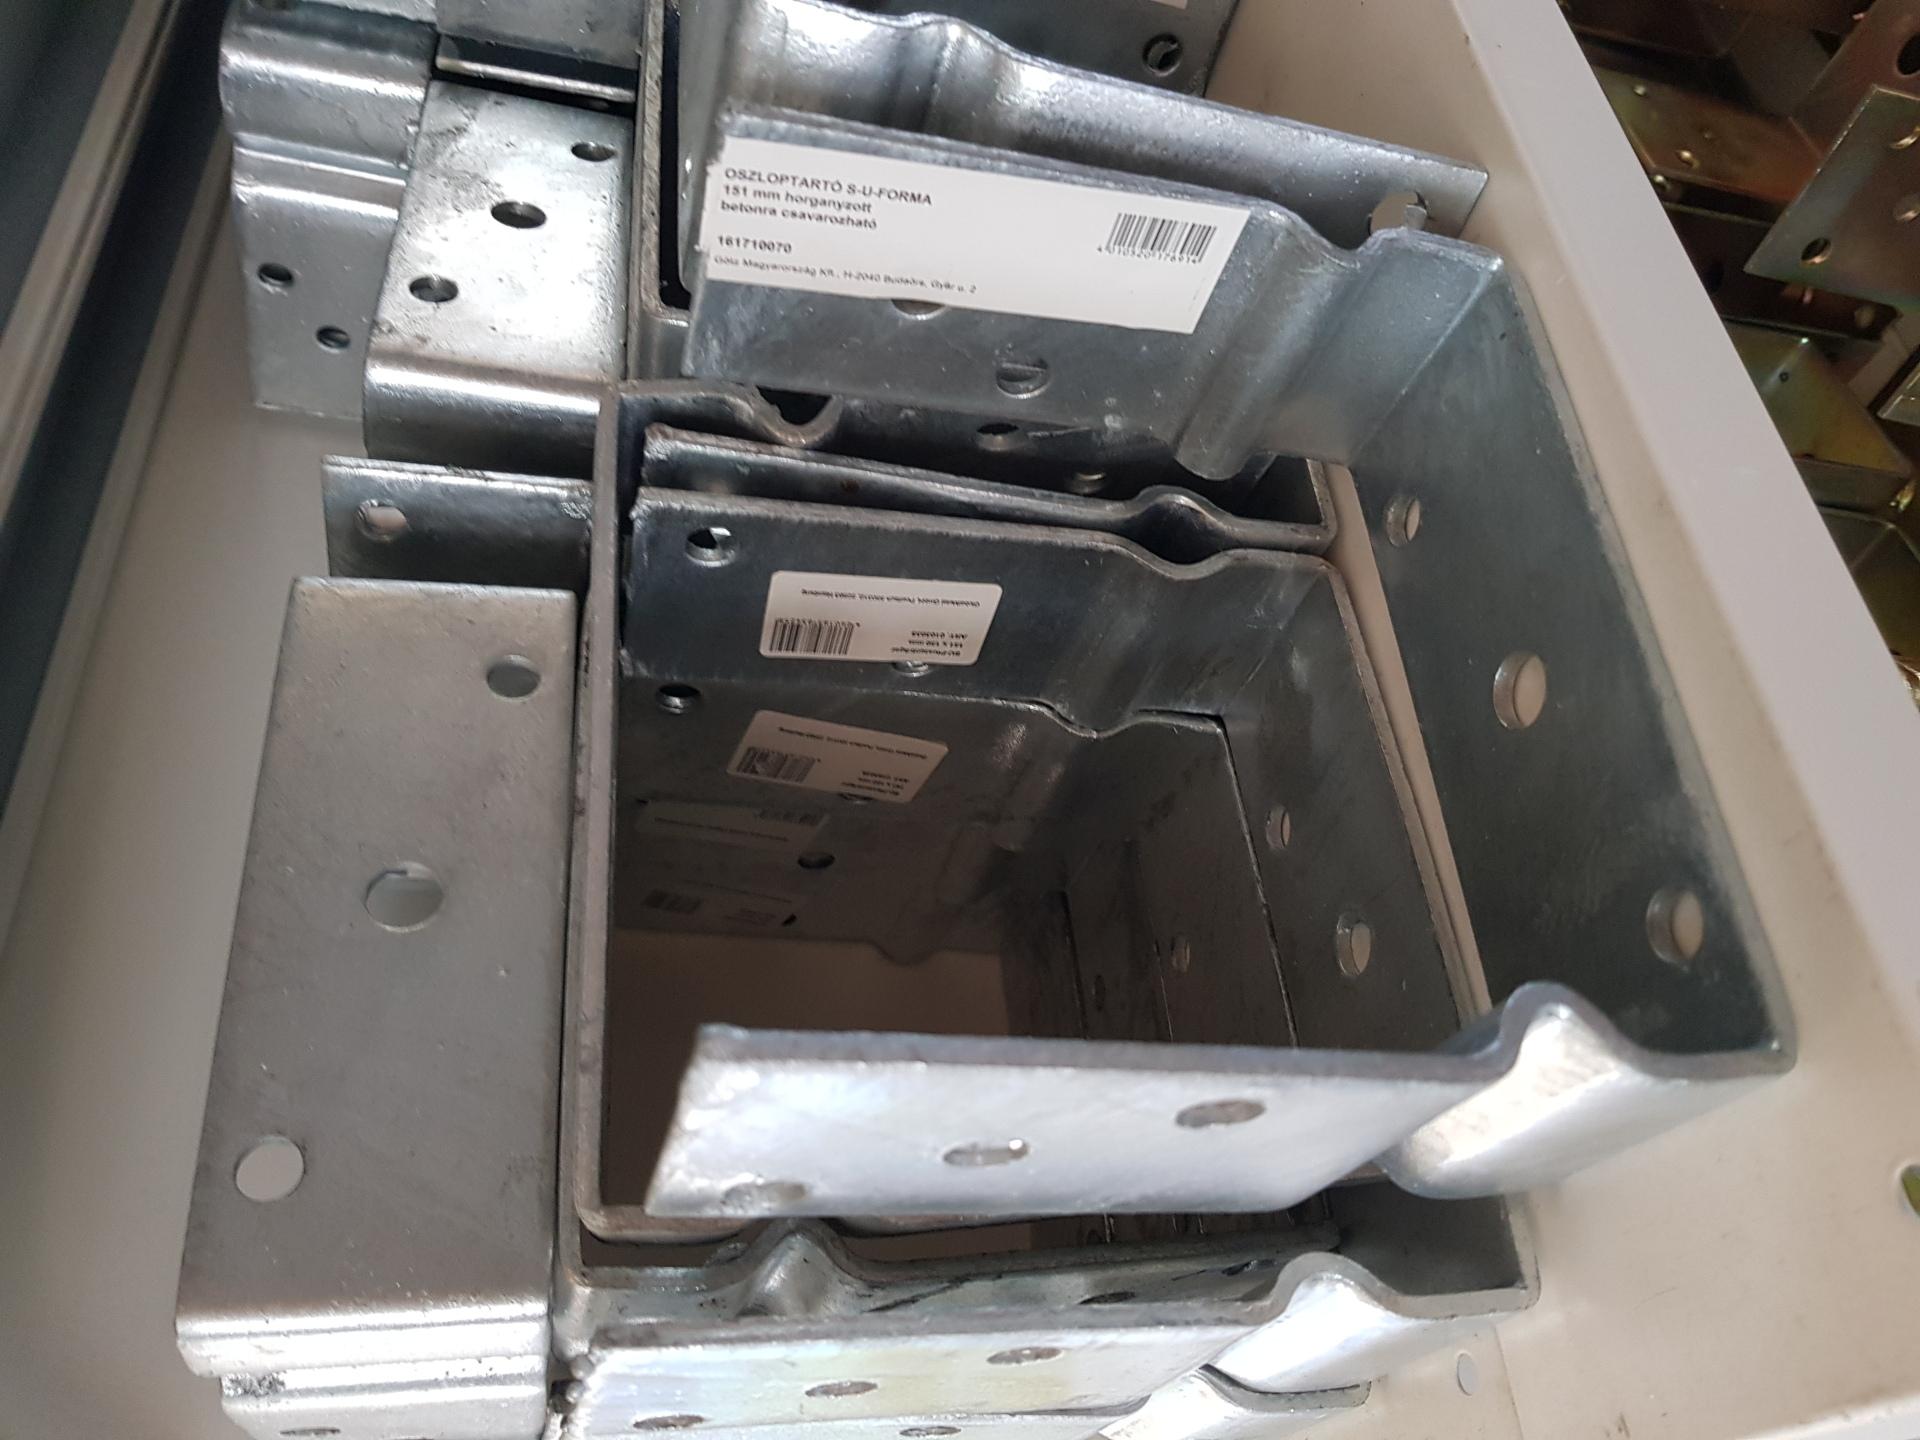 Oszloptartó S-U-forma 151mm horg. csavarozható BAUplaza Kft.